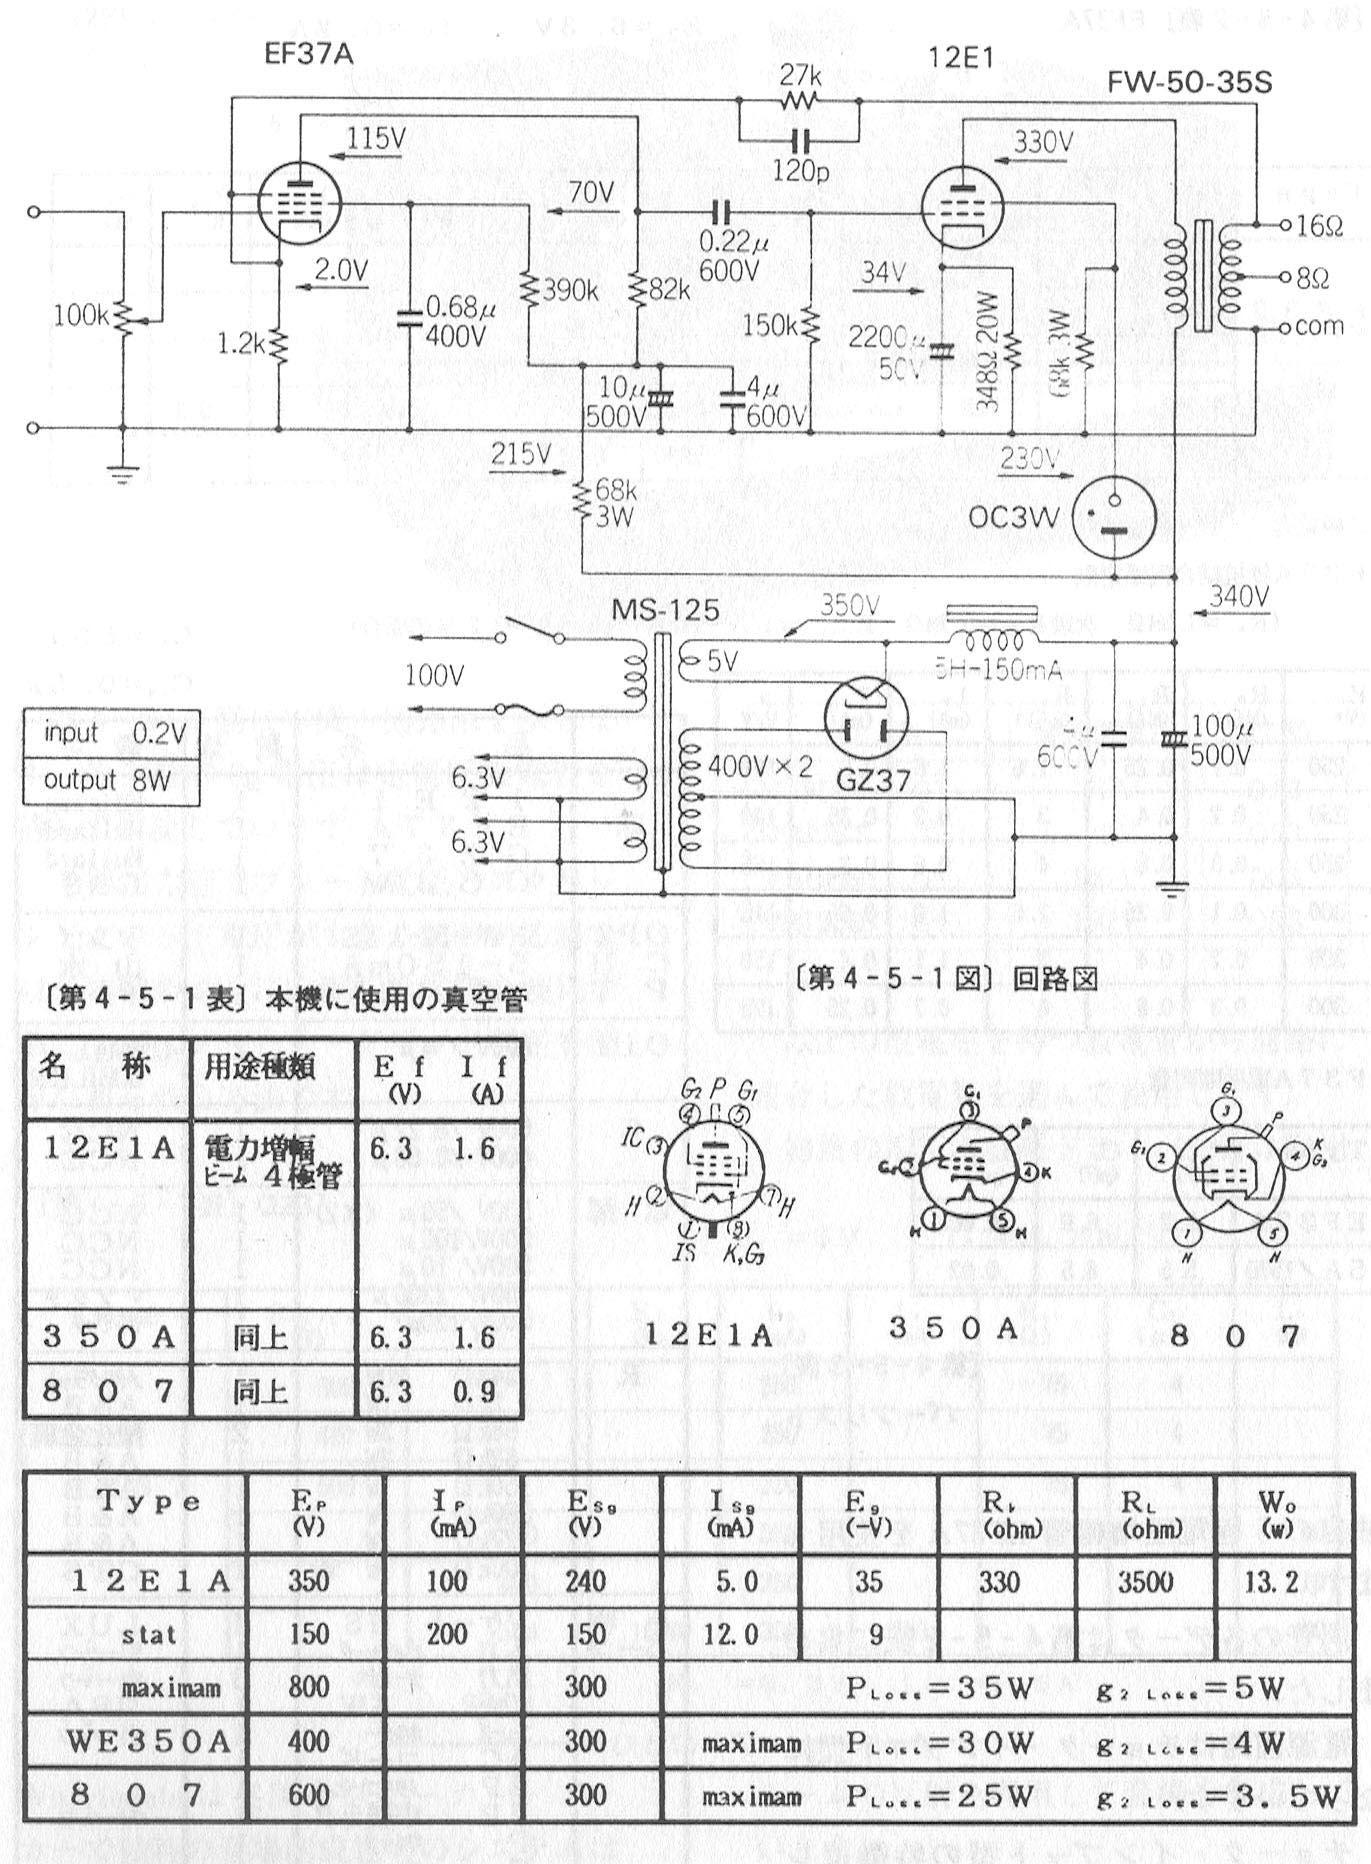 elektroncso hu - elektroncsövek, katalógusok, cikkek